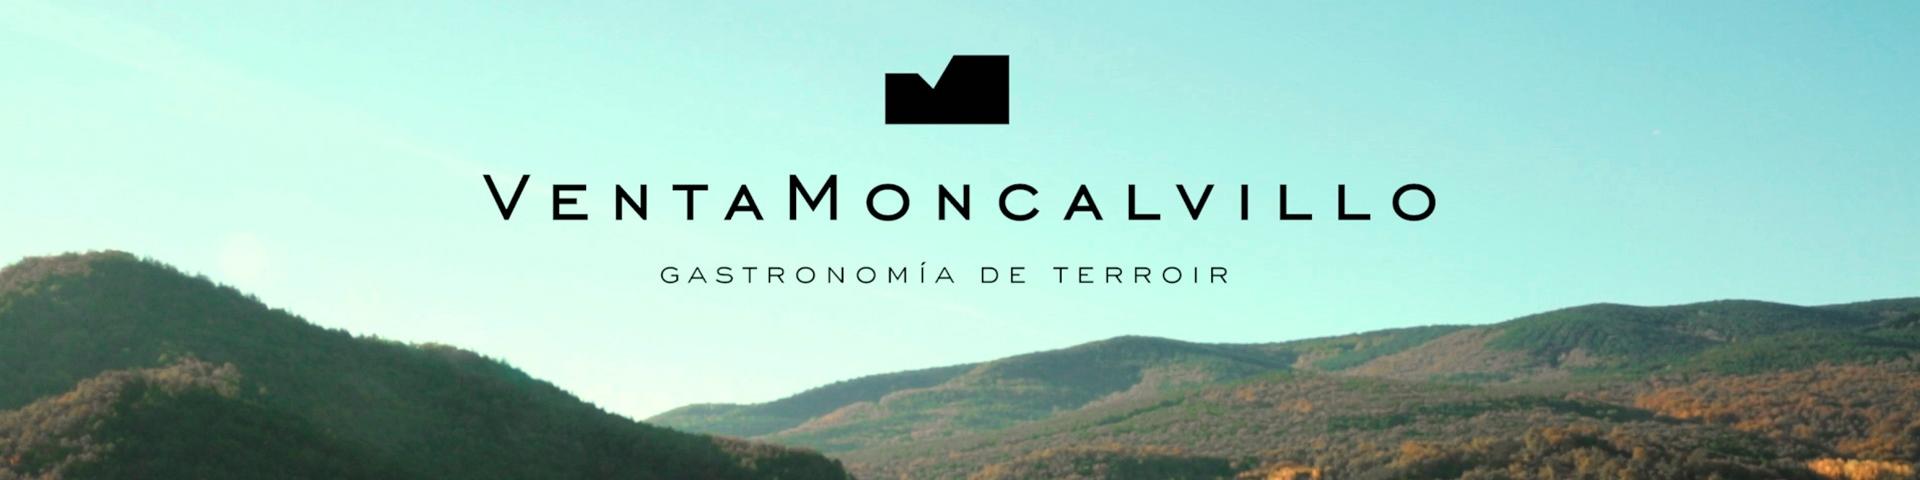 Venta Moncalvillo – Gastronomia de Terroir